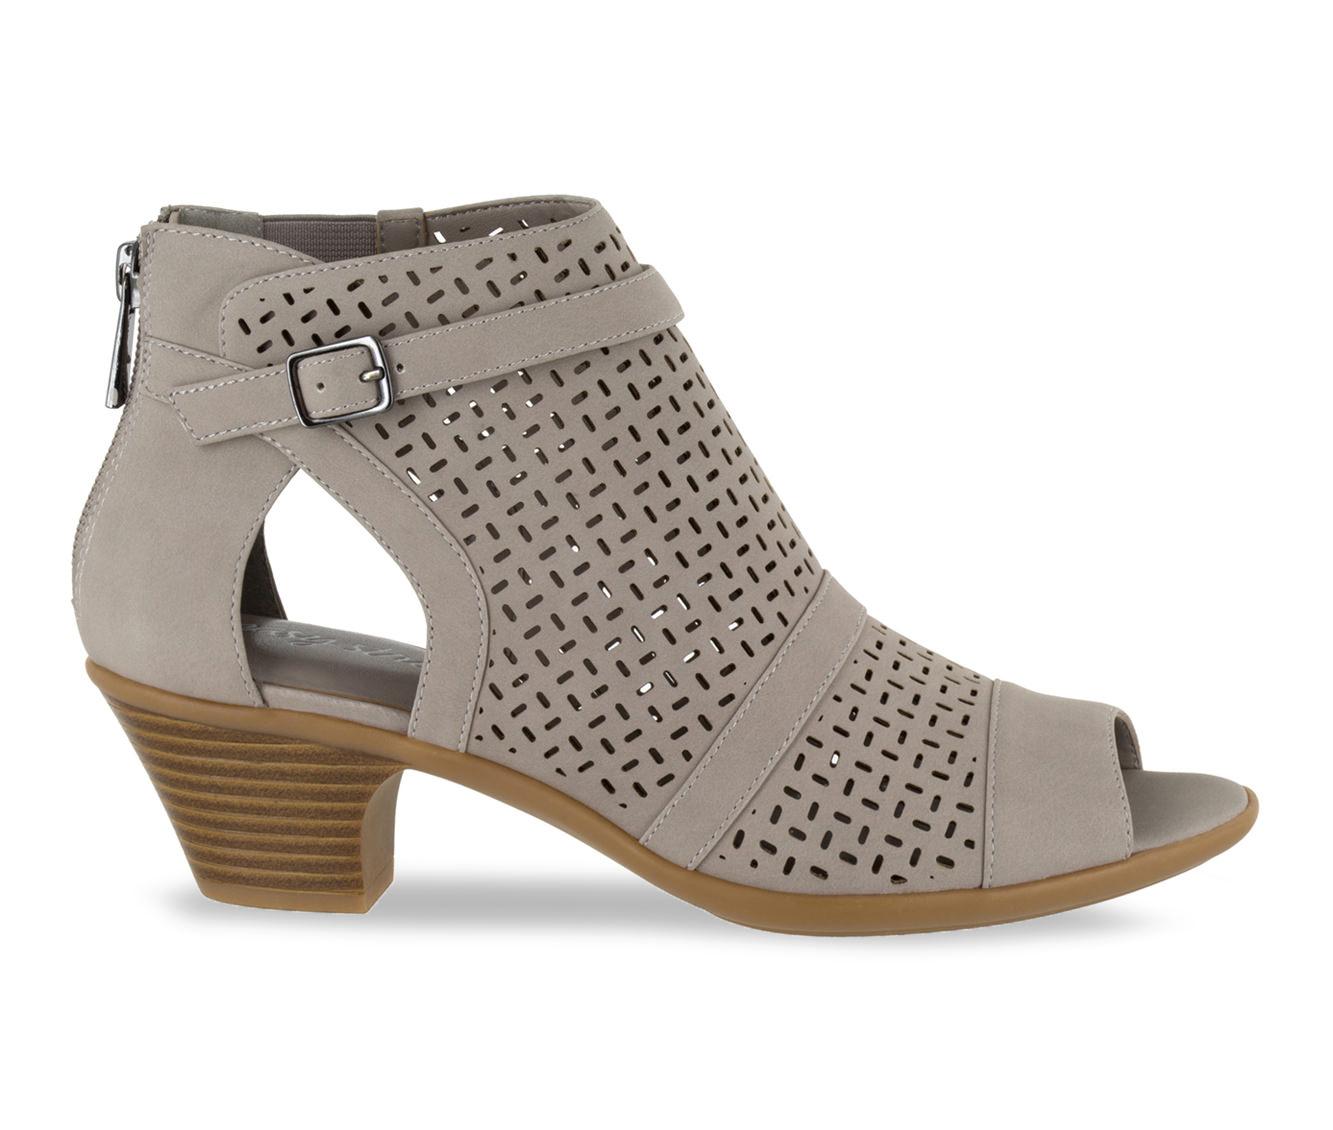 Easy Street Carrigan Women's Dress Shoe (Gray - Faux Leather)